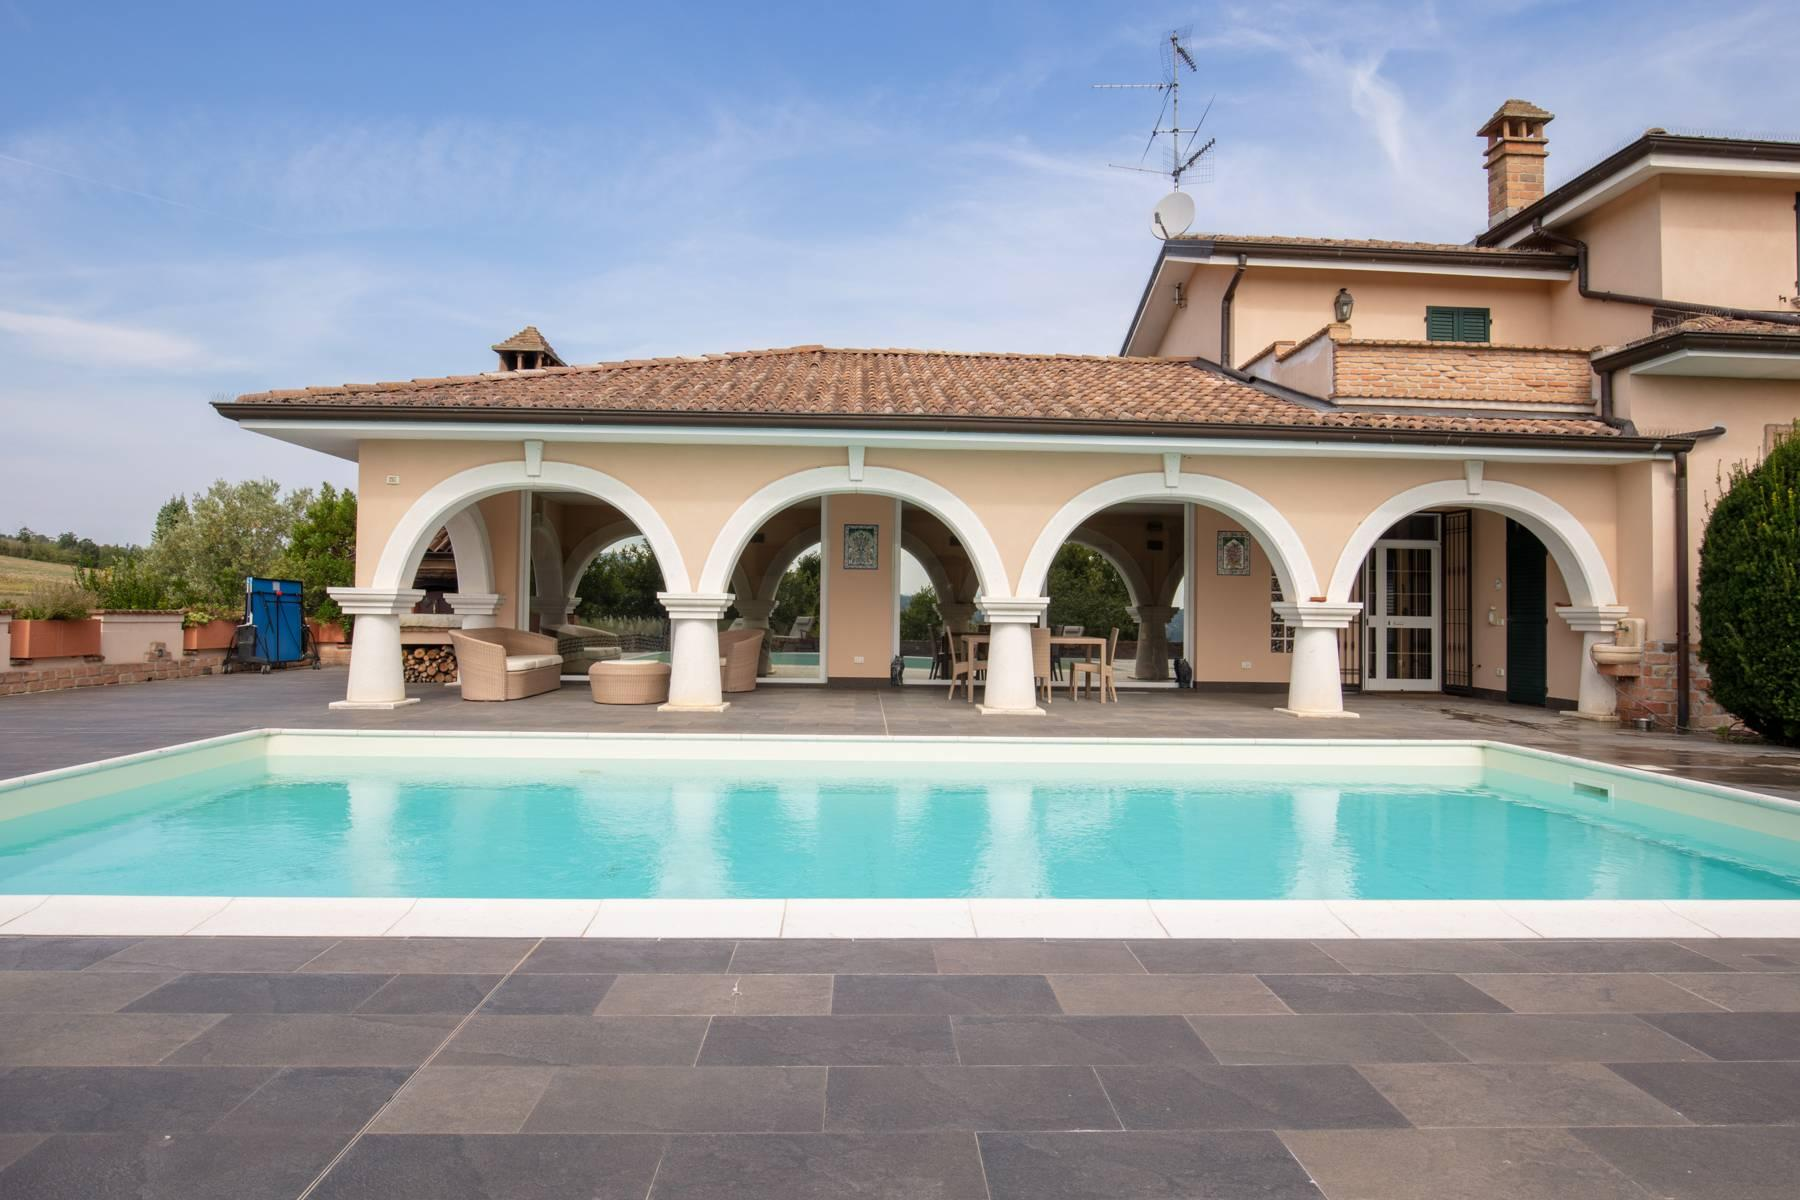 Villa con piscina nelle colline piacentine - 45